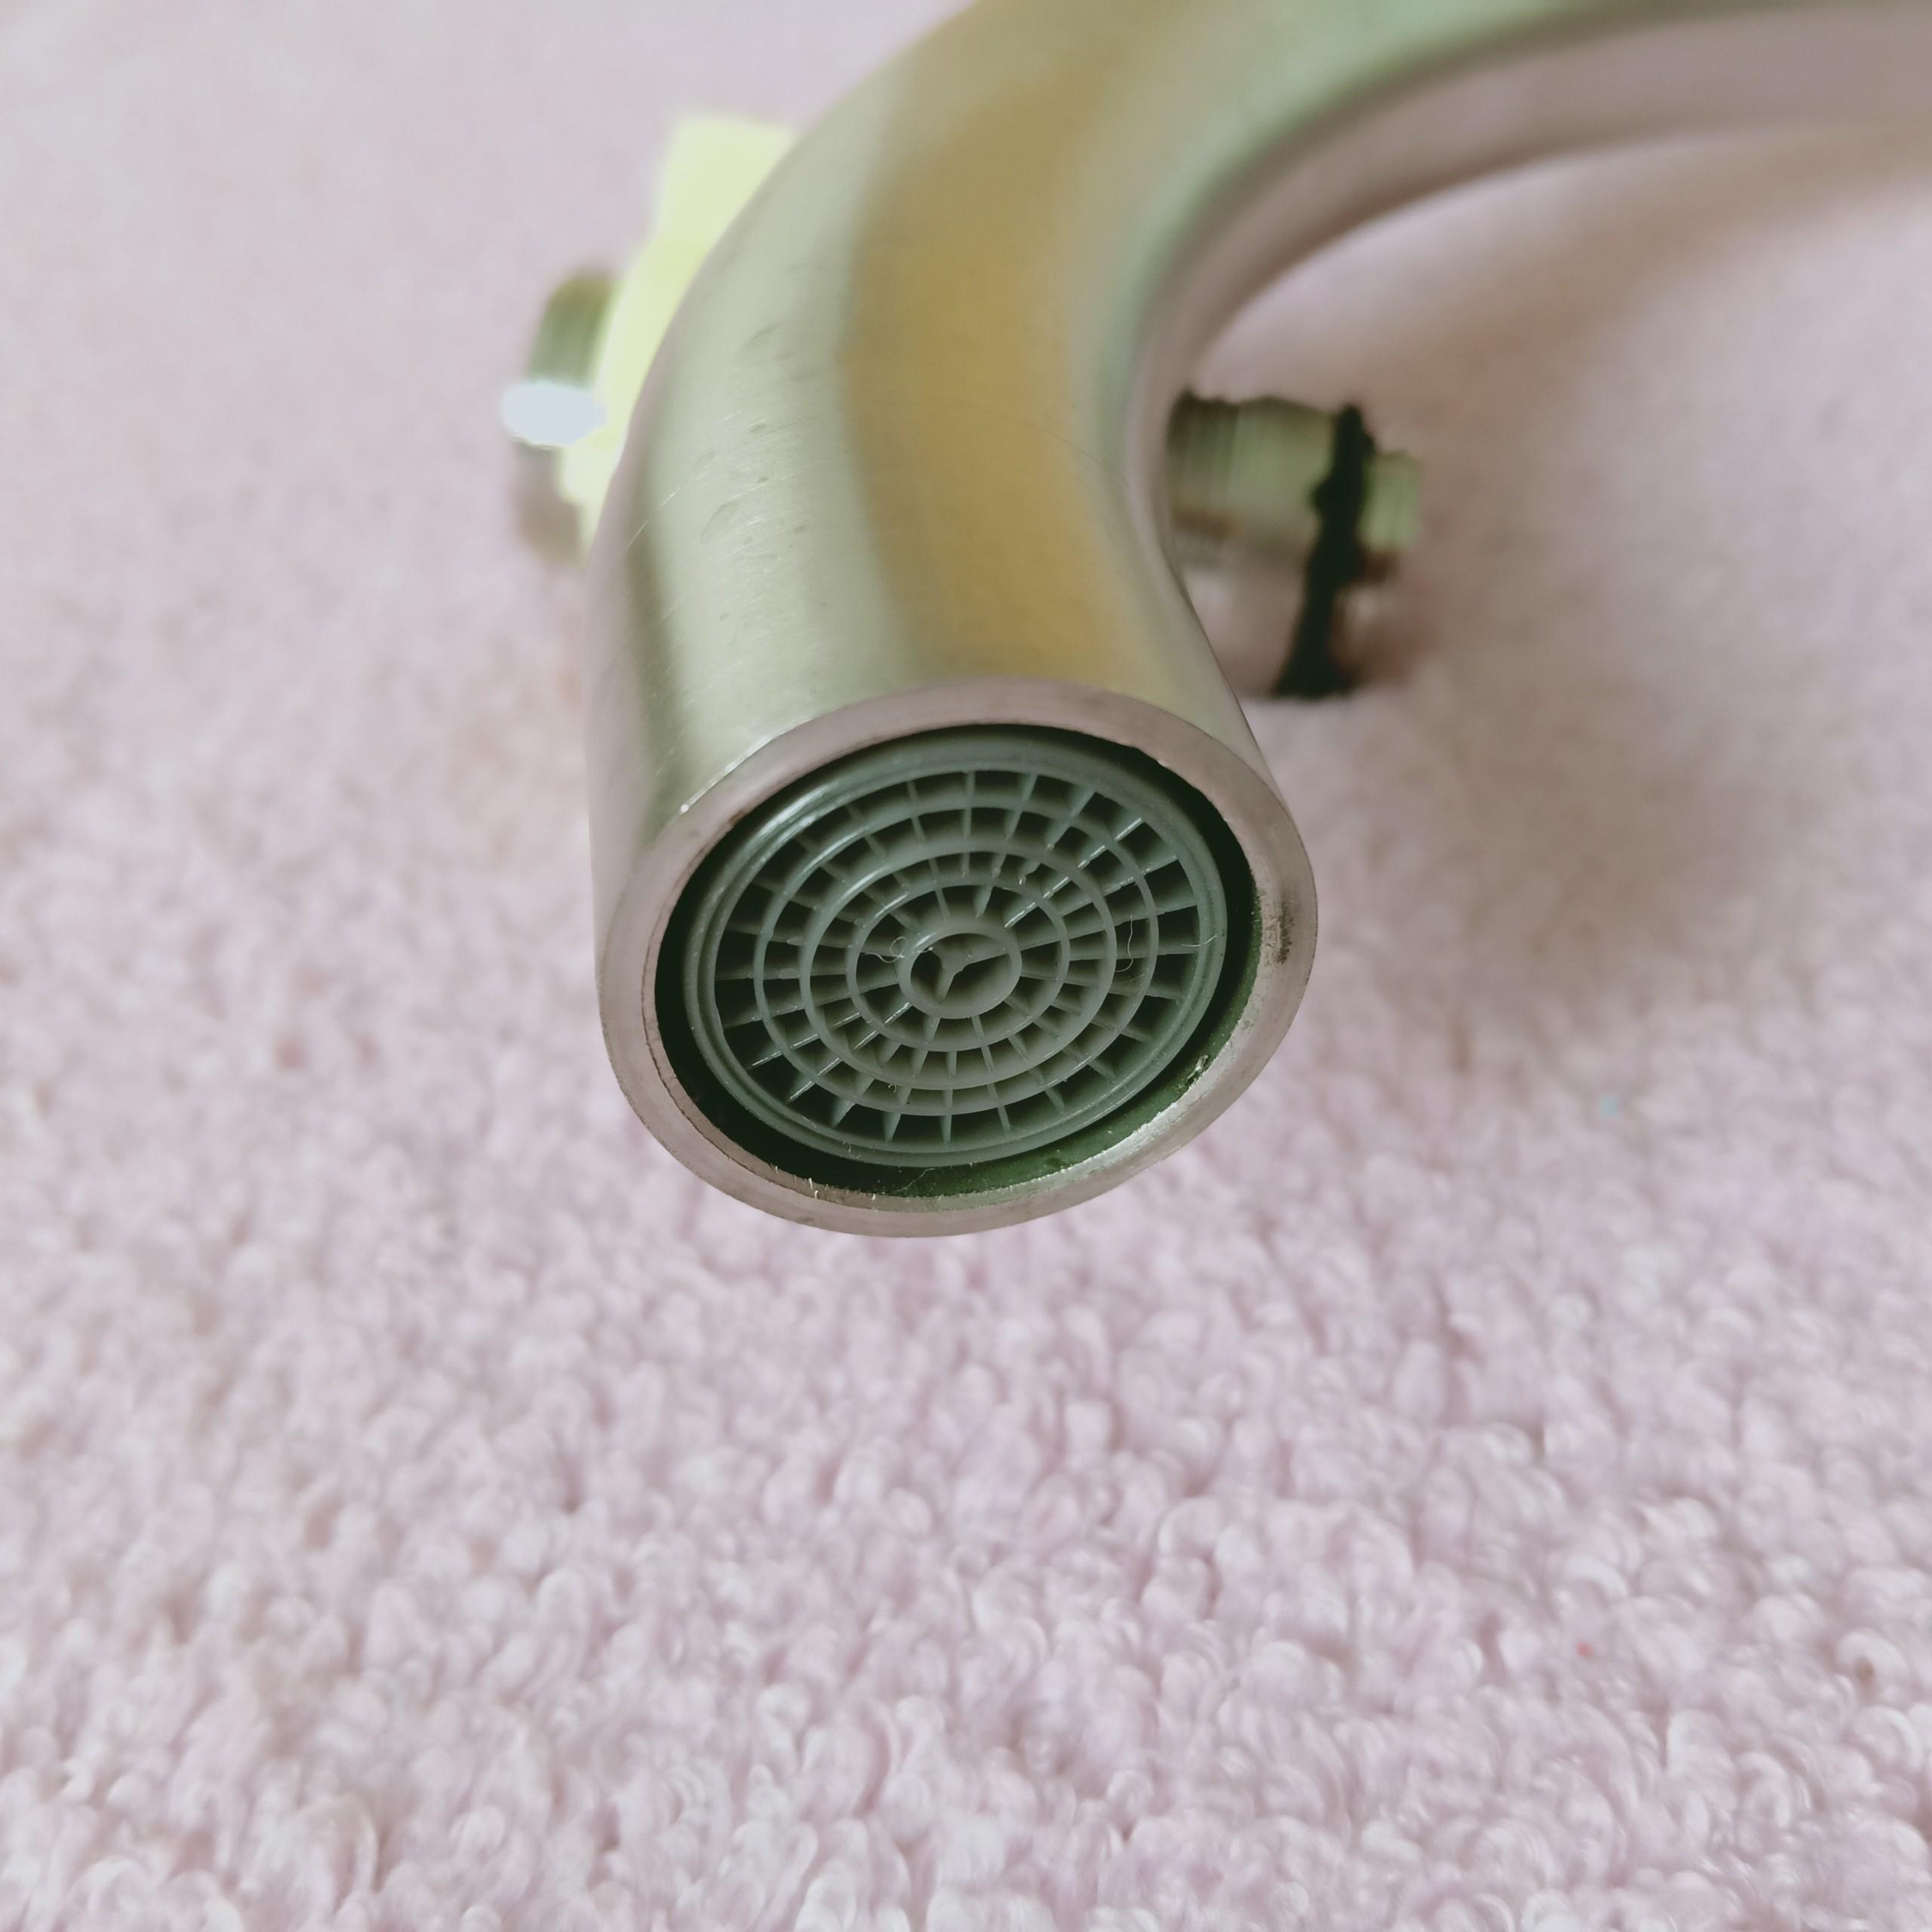 Vòi rửa bát, chén (chỉ lạnh) INOX SUS 304_vòi rửa chén cao cấp ống cong lớn